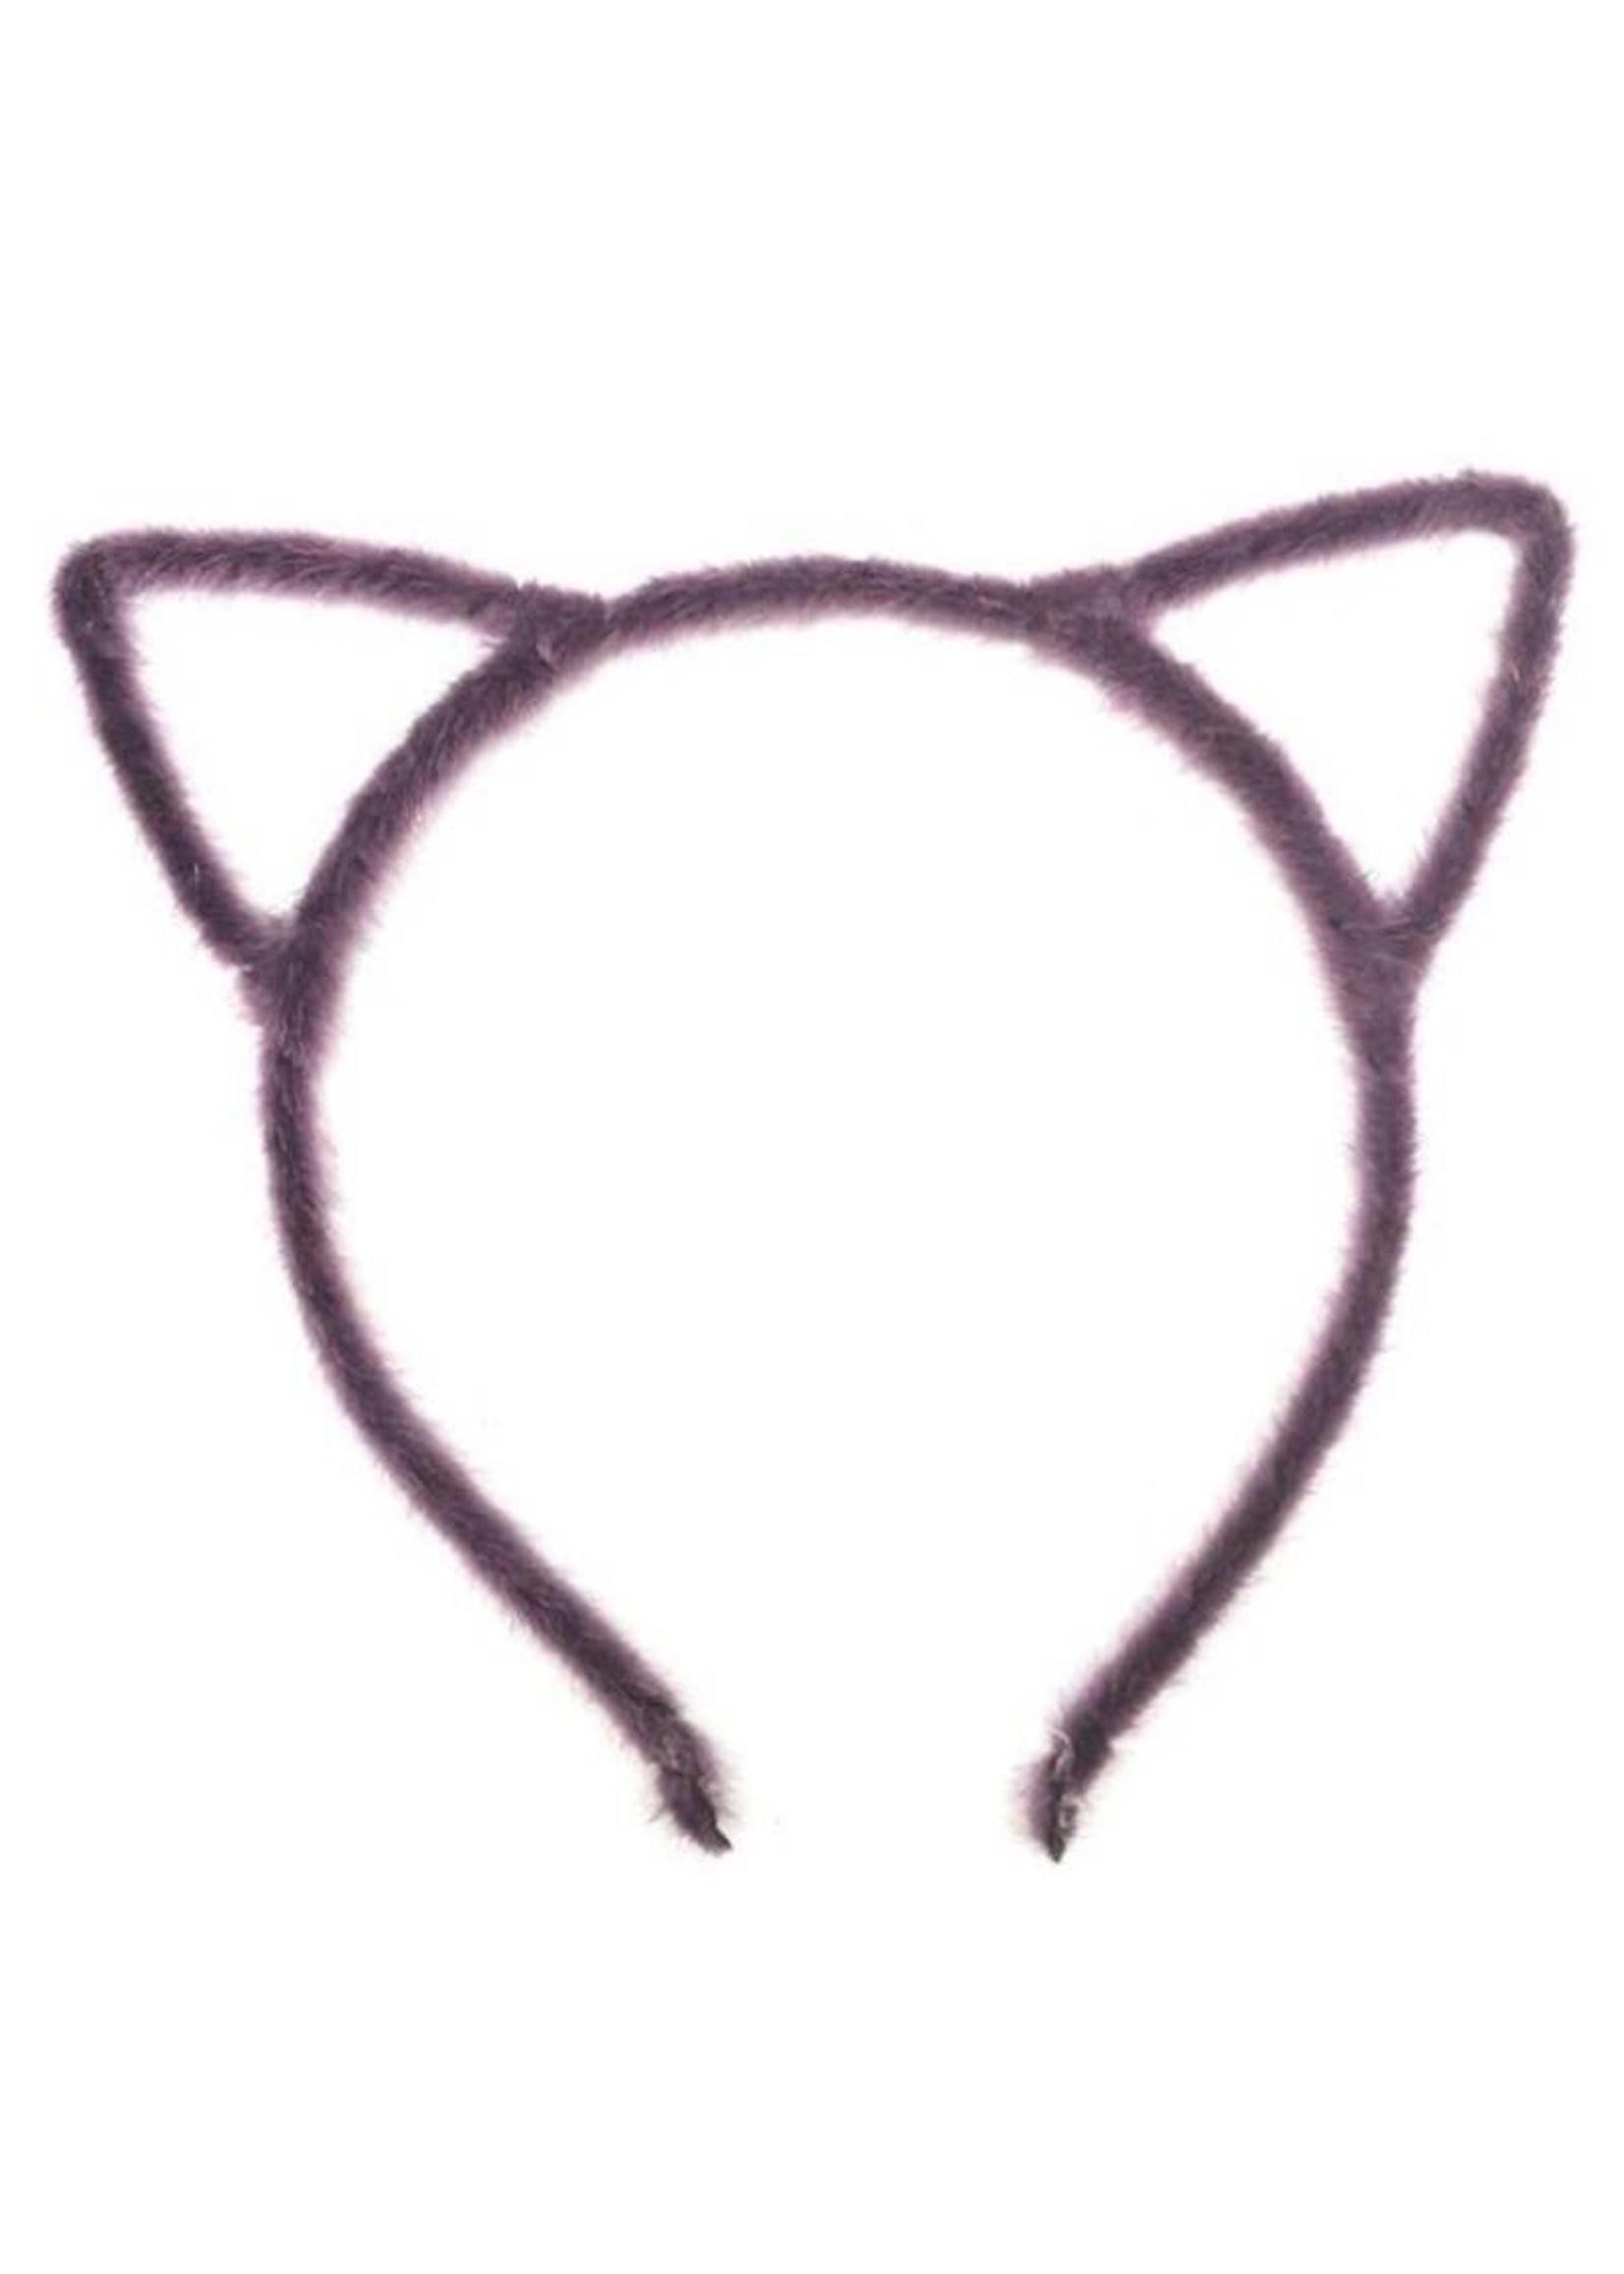 Annienas haarband met katten oren